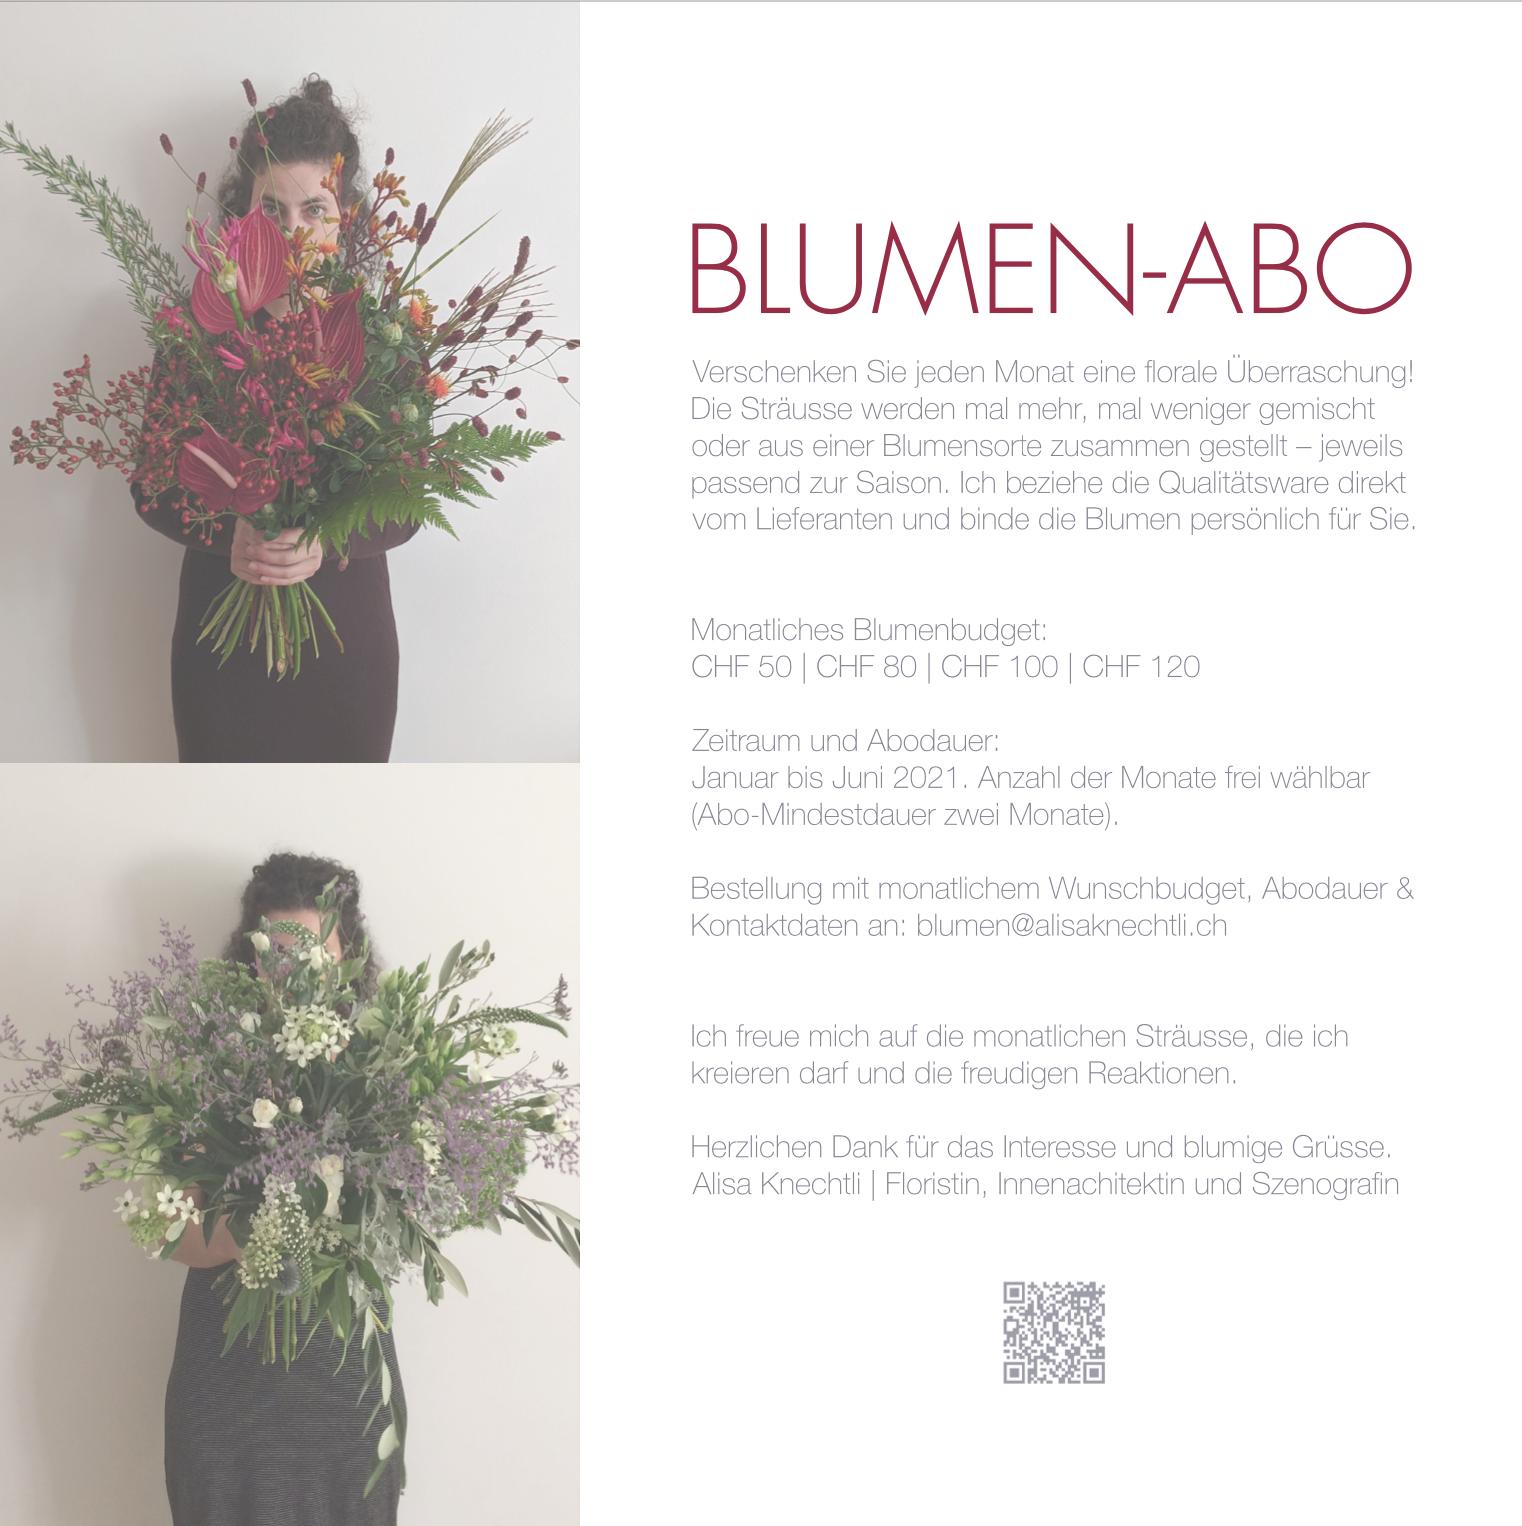 Blumen-Abo_2021